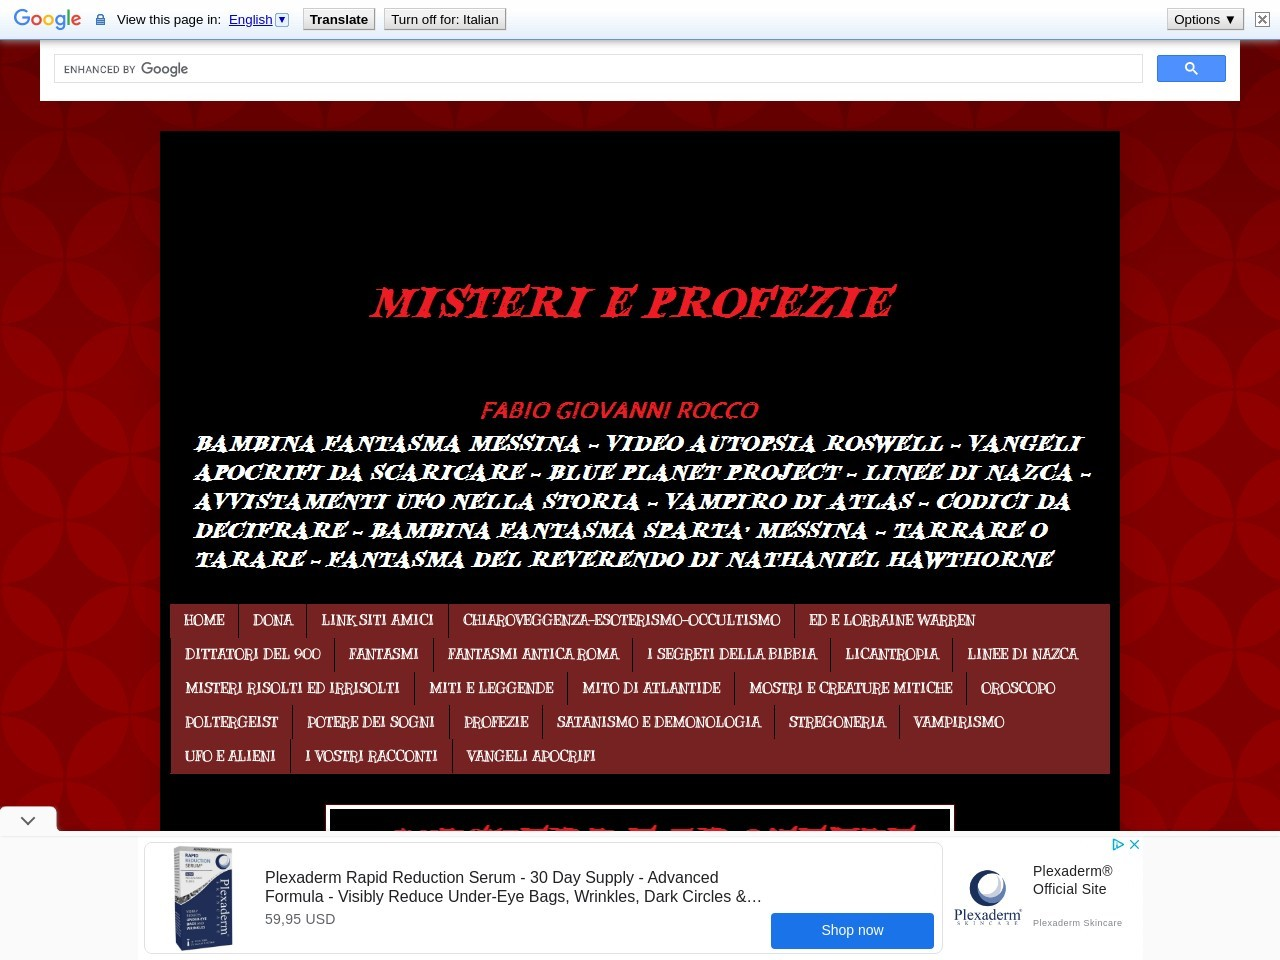 misteri-profezie-ufo-religione-civilta-scomparse